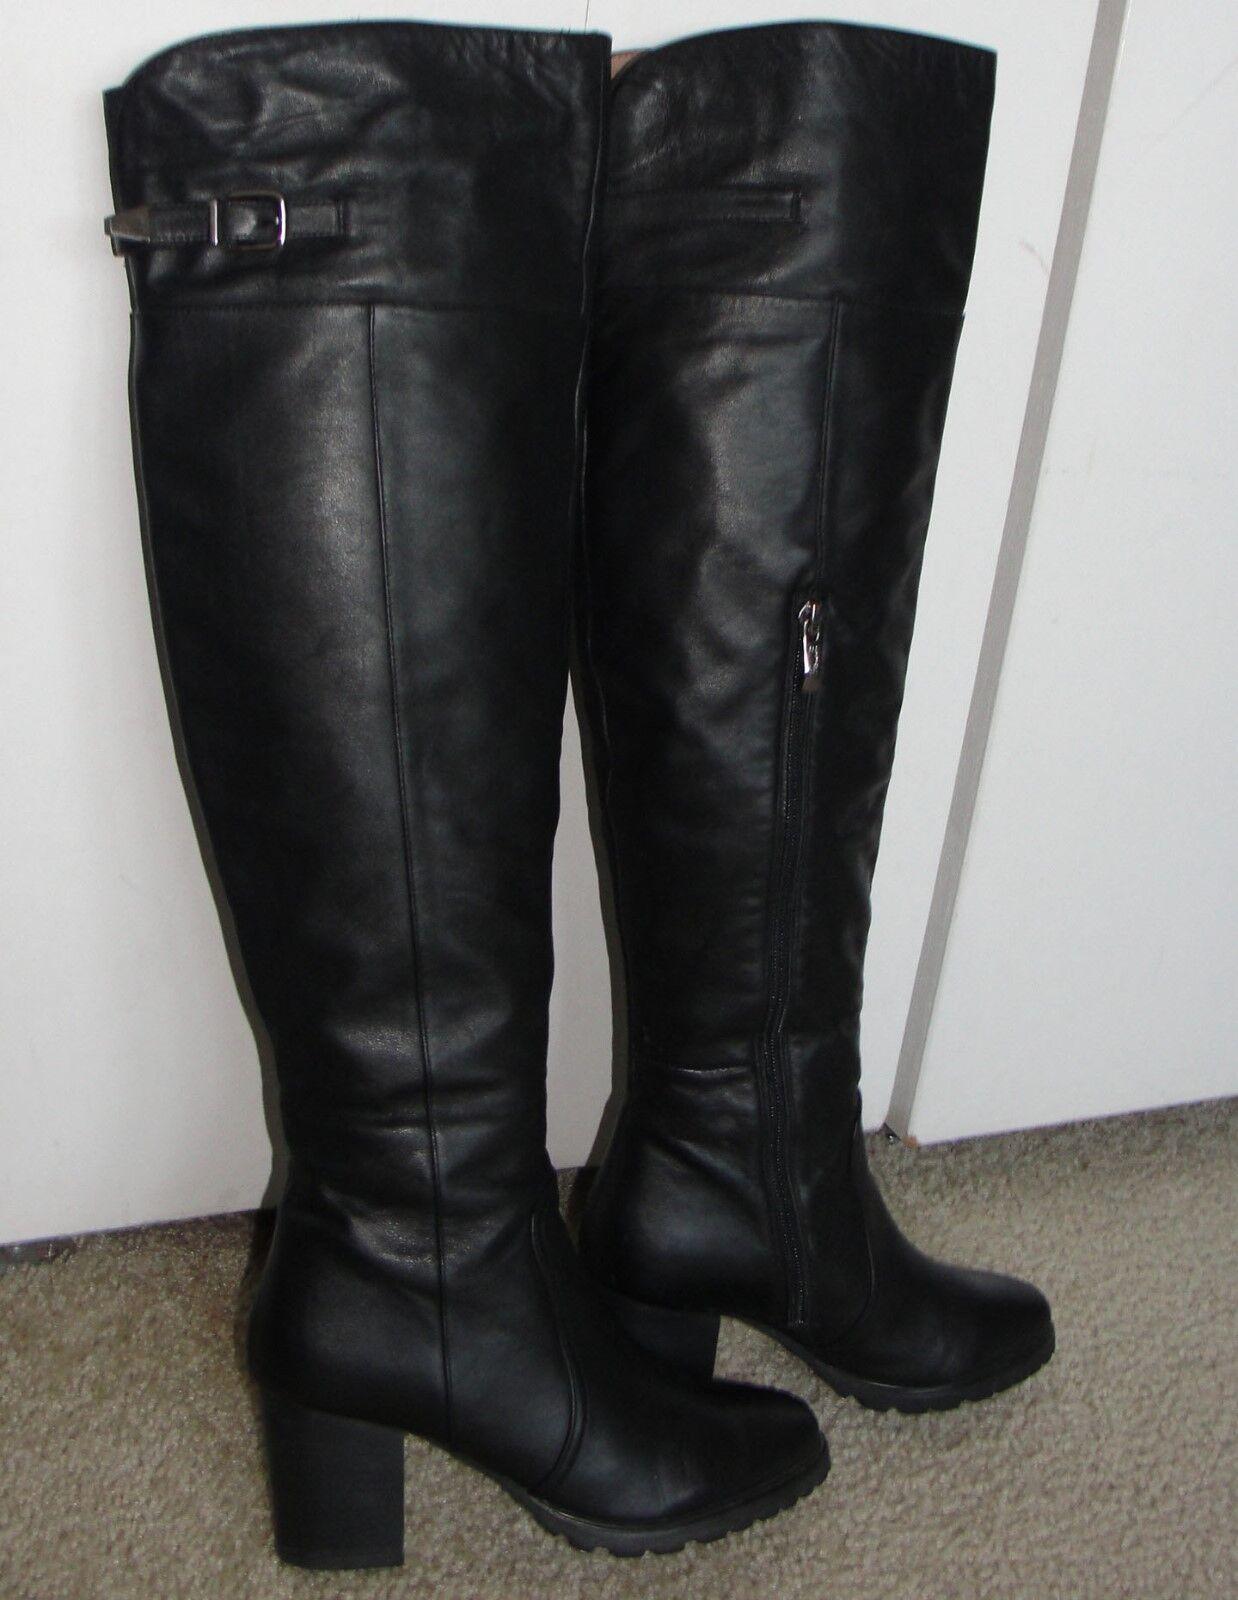 Belle Serie Clásica Bonito botas Altas de Piel Piel Piel Cremallera Mujer Zapatos 7 (  estilo clásico